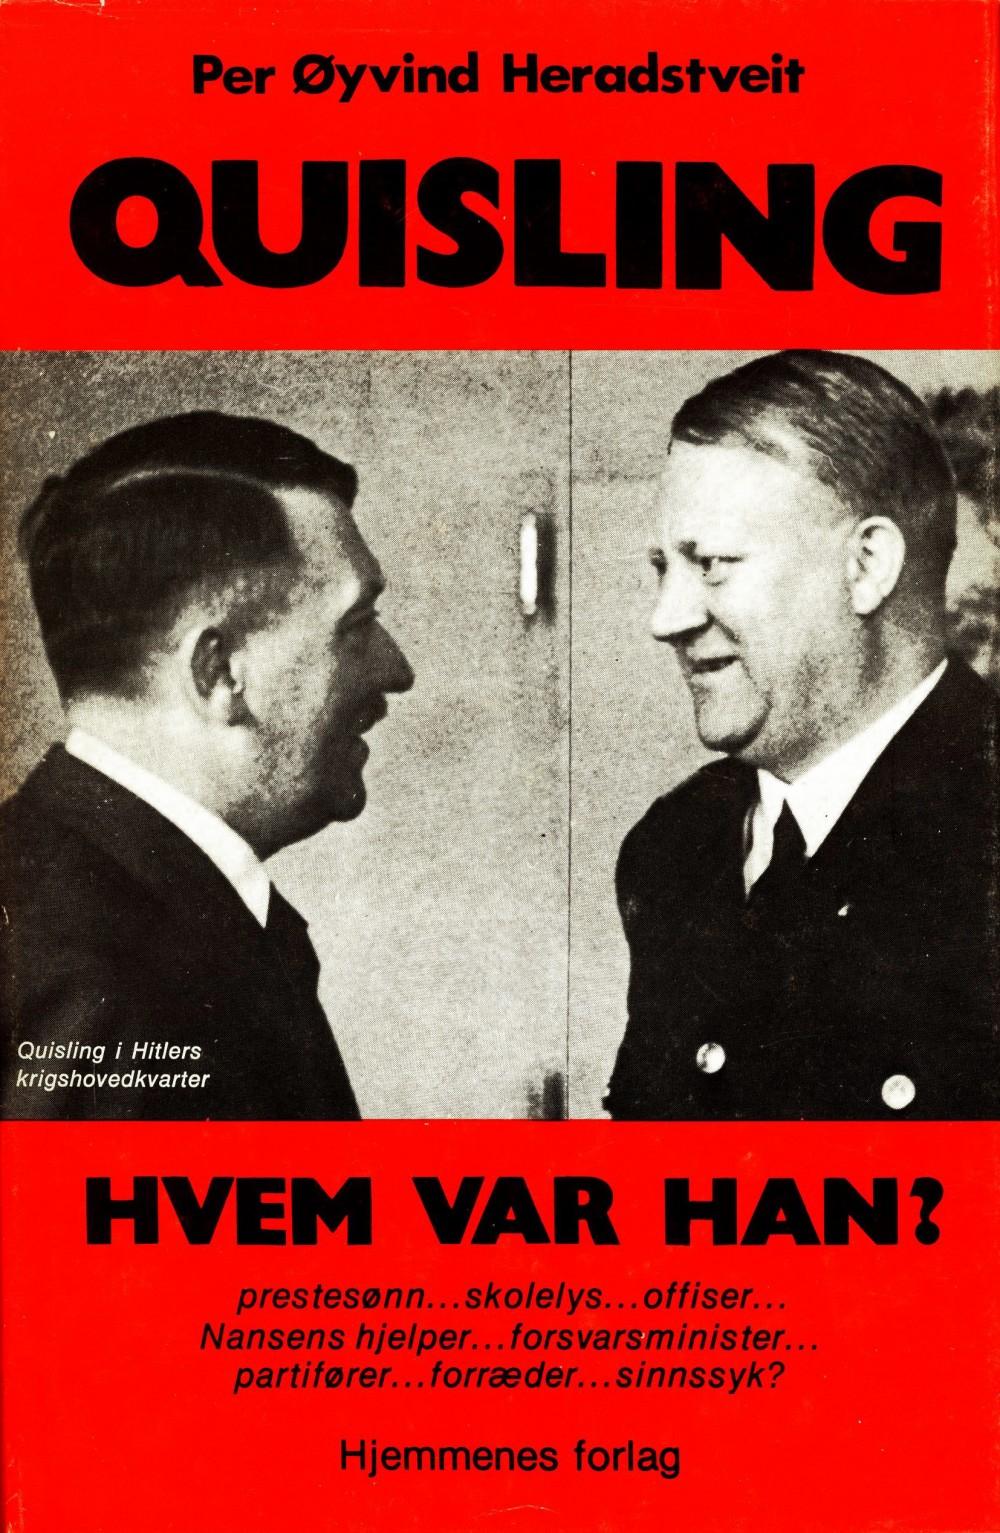 Per Øyvind Heradstveit: Quisling - Hvem var han?